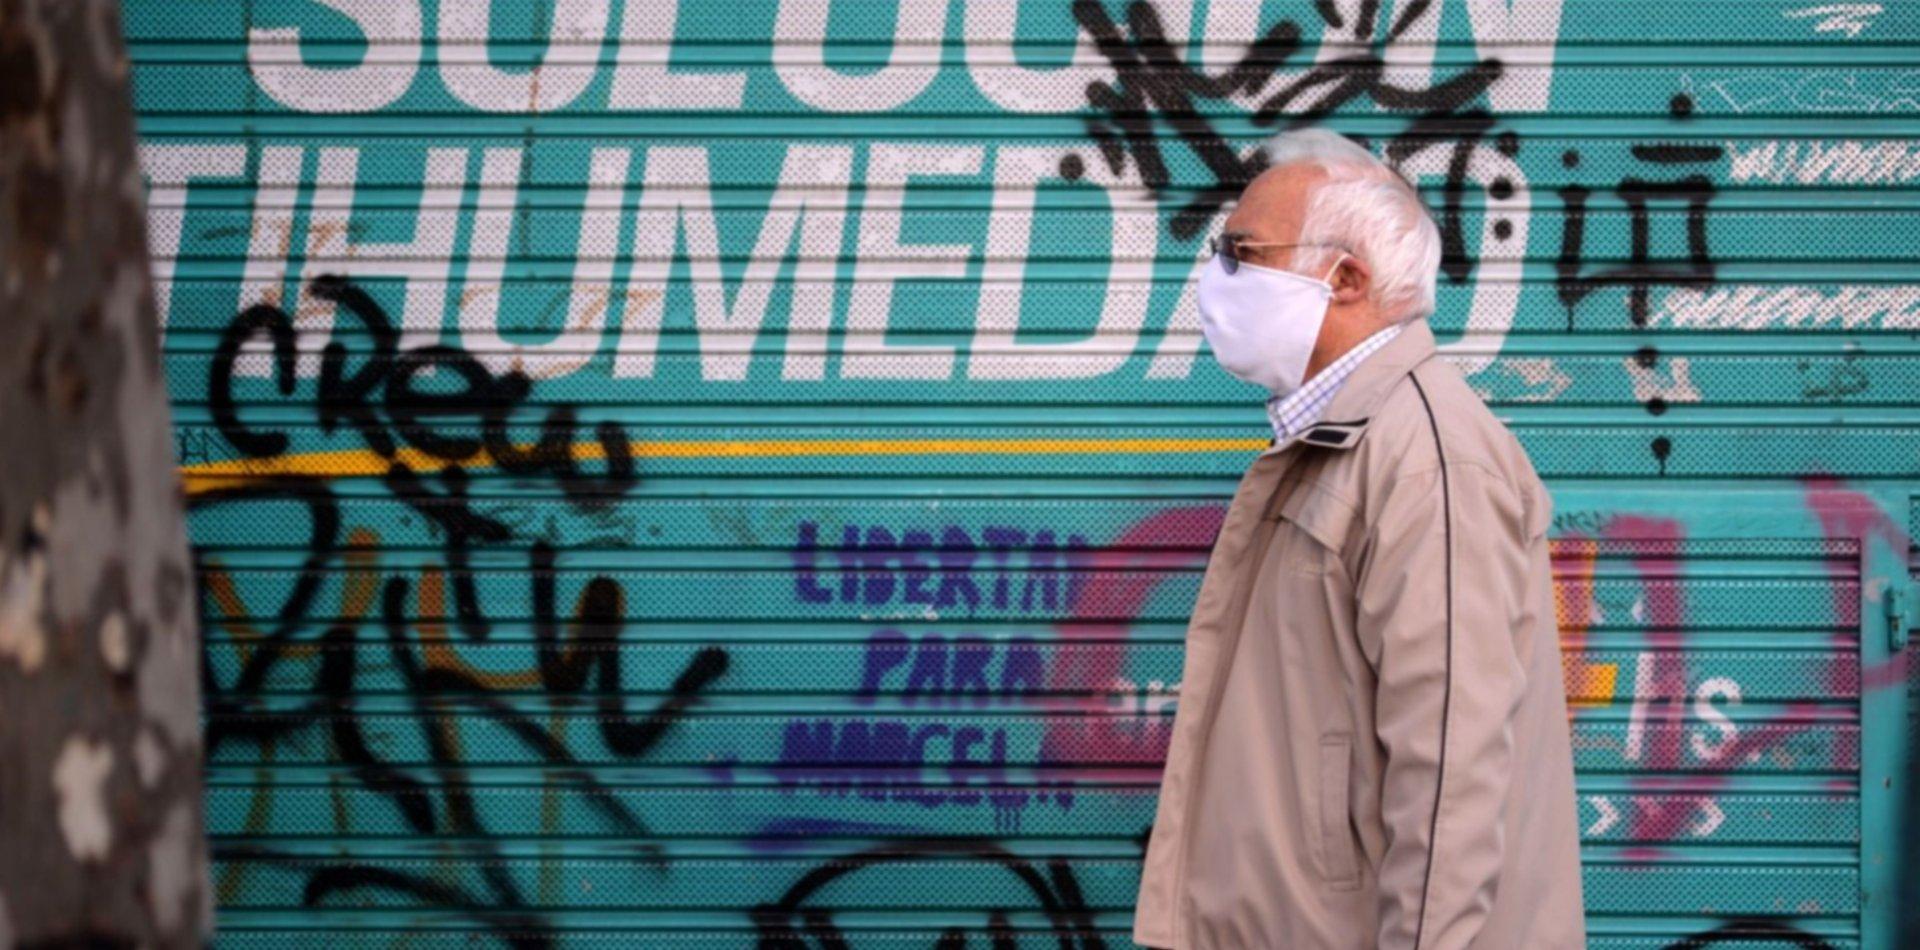 La OMS destacó una baja en los contagios y anticipó cuando terminaría la pandemia